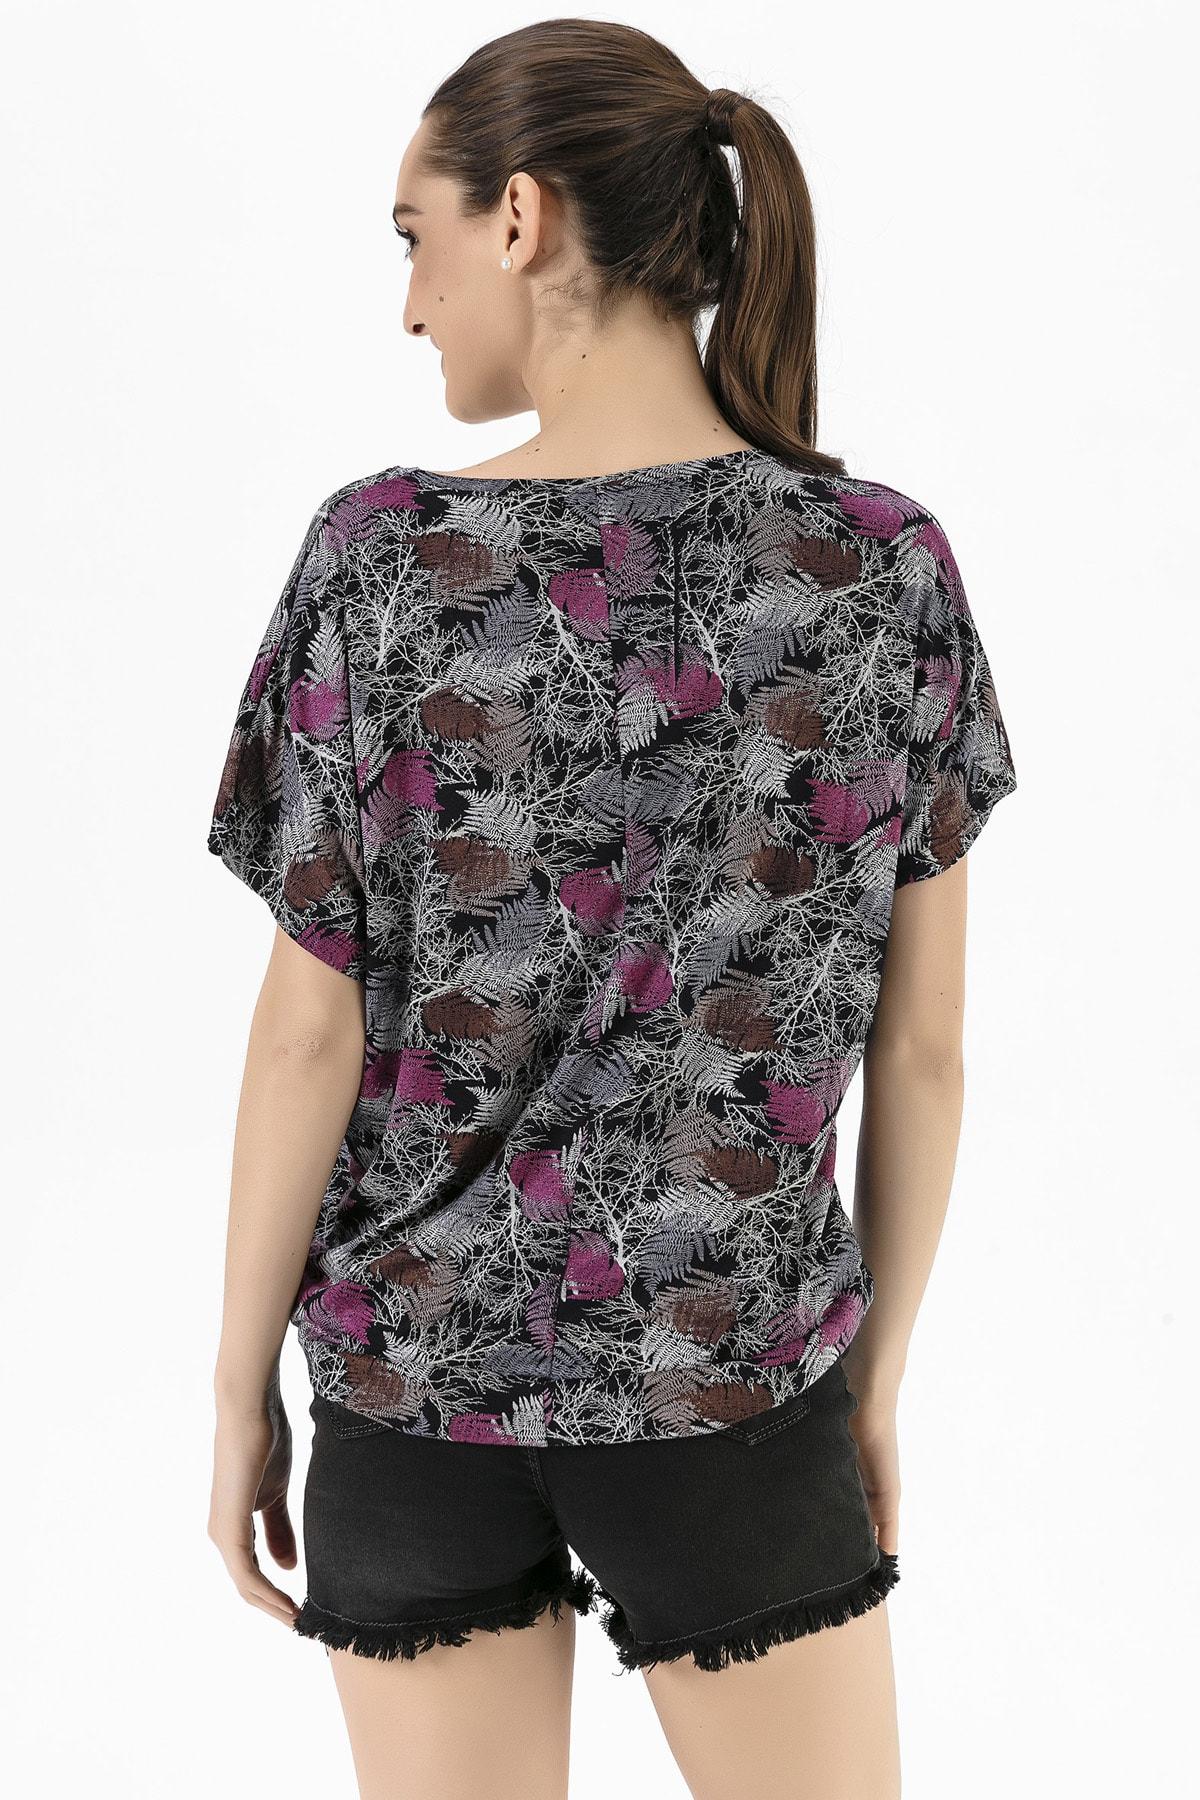 EMJEY Kadın Yaprak Desen Düşük Kol T-Shirt She020Y020001 3